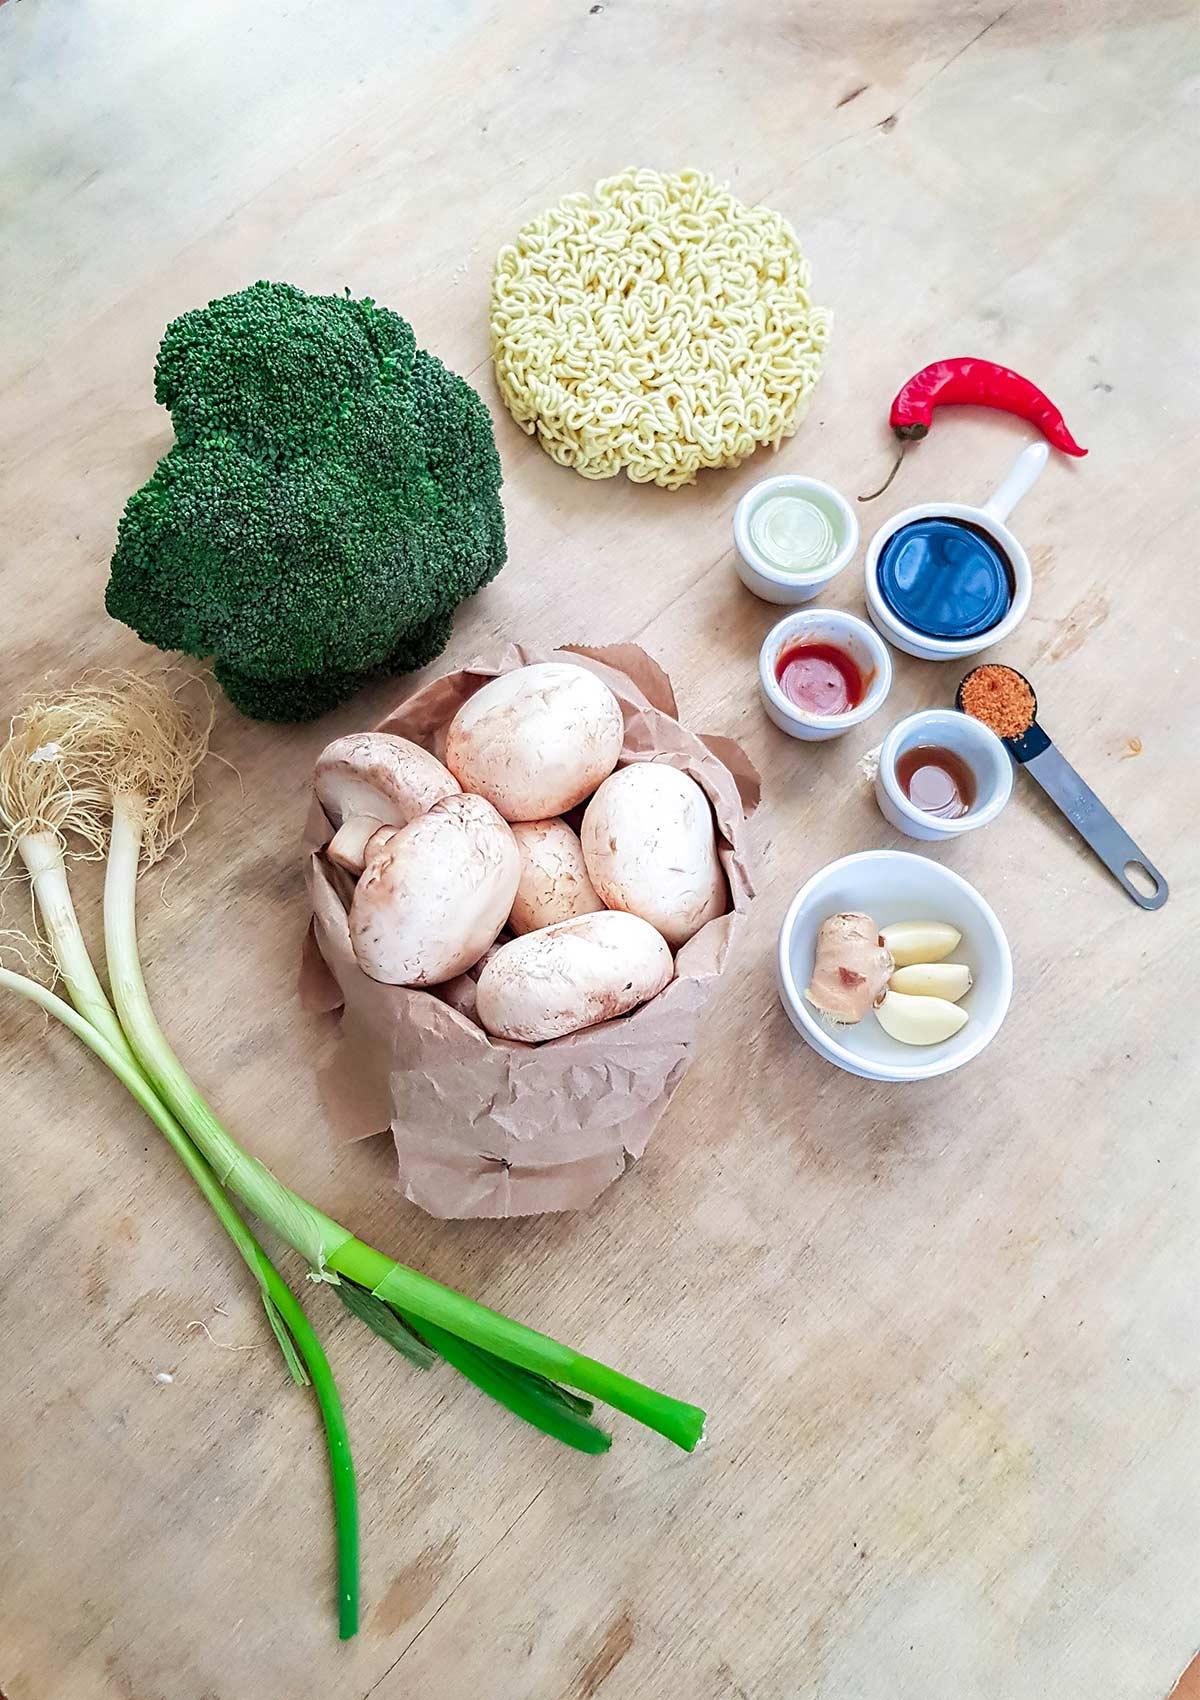 Ramen stir fry vegan ingredients